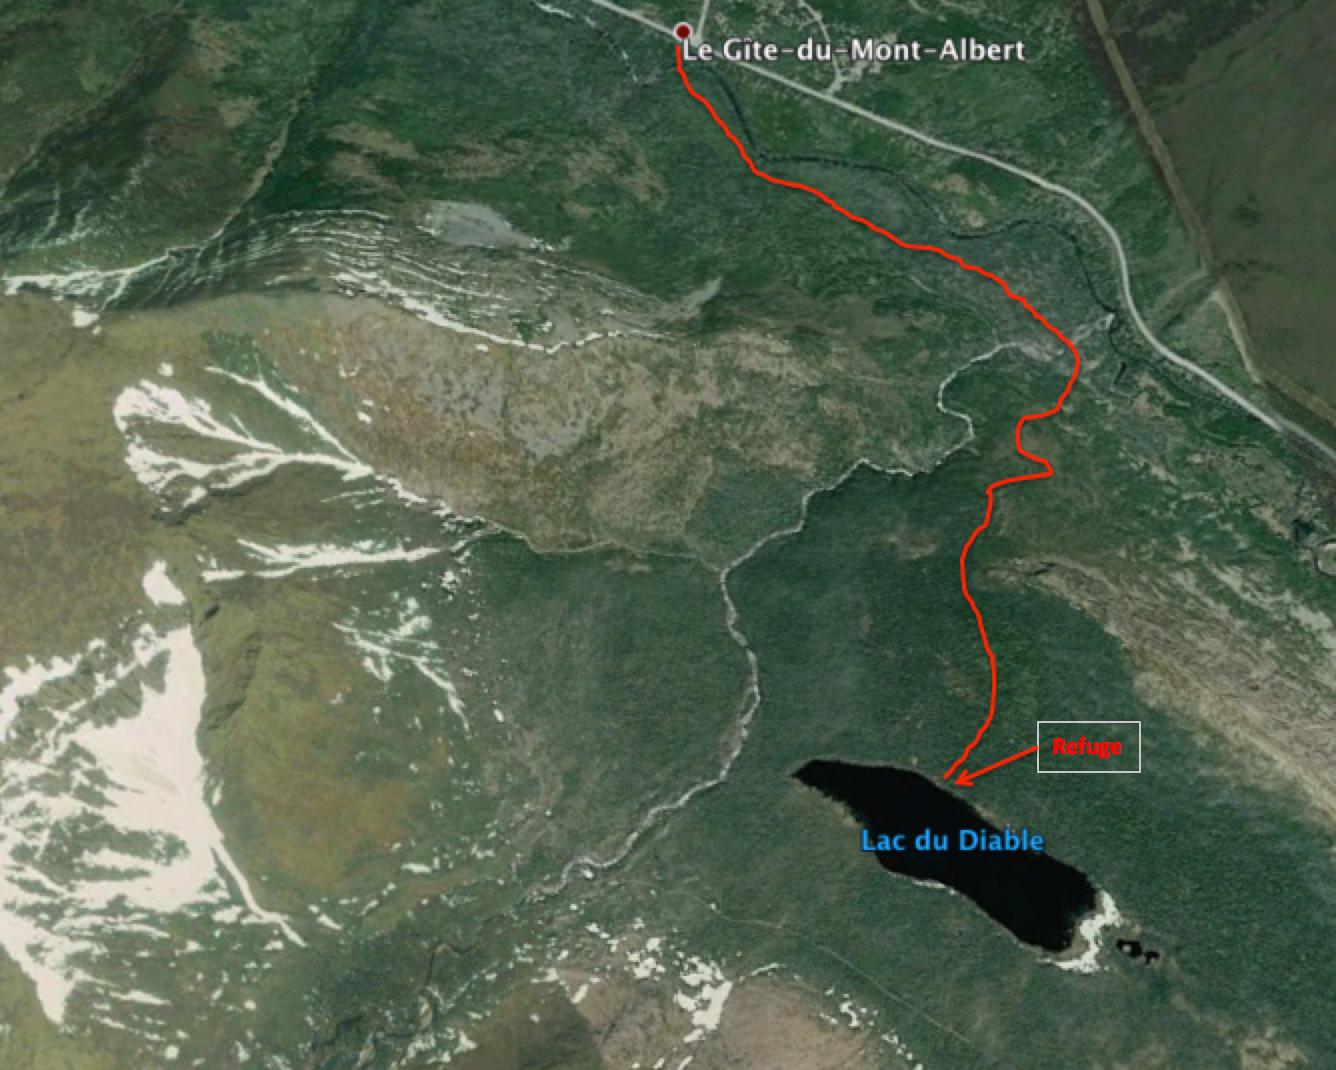 Chemin emprunté pour aller au refuge du mont Albert